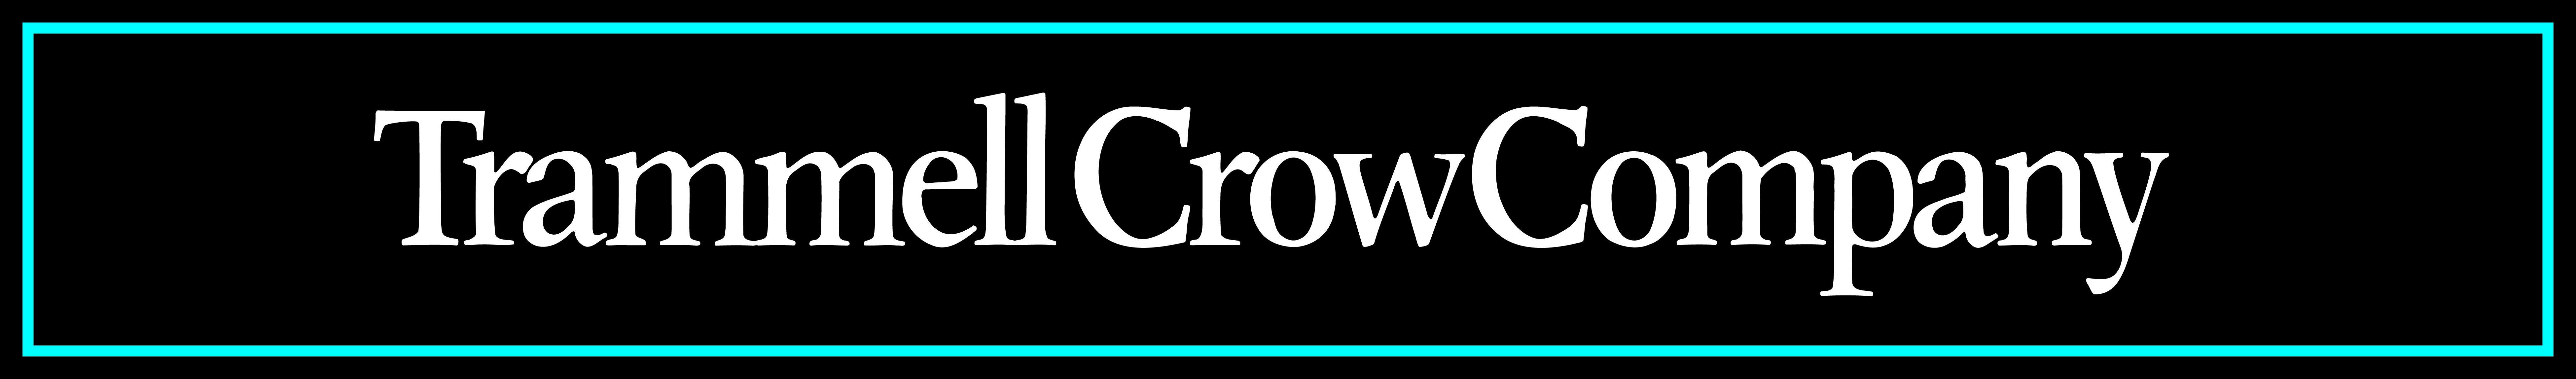 trammell-crow